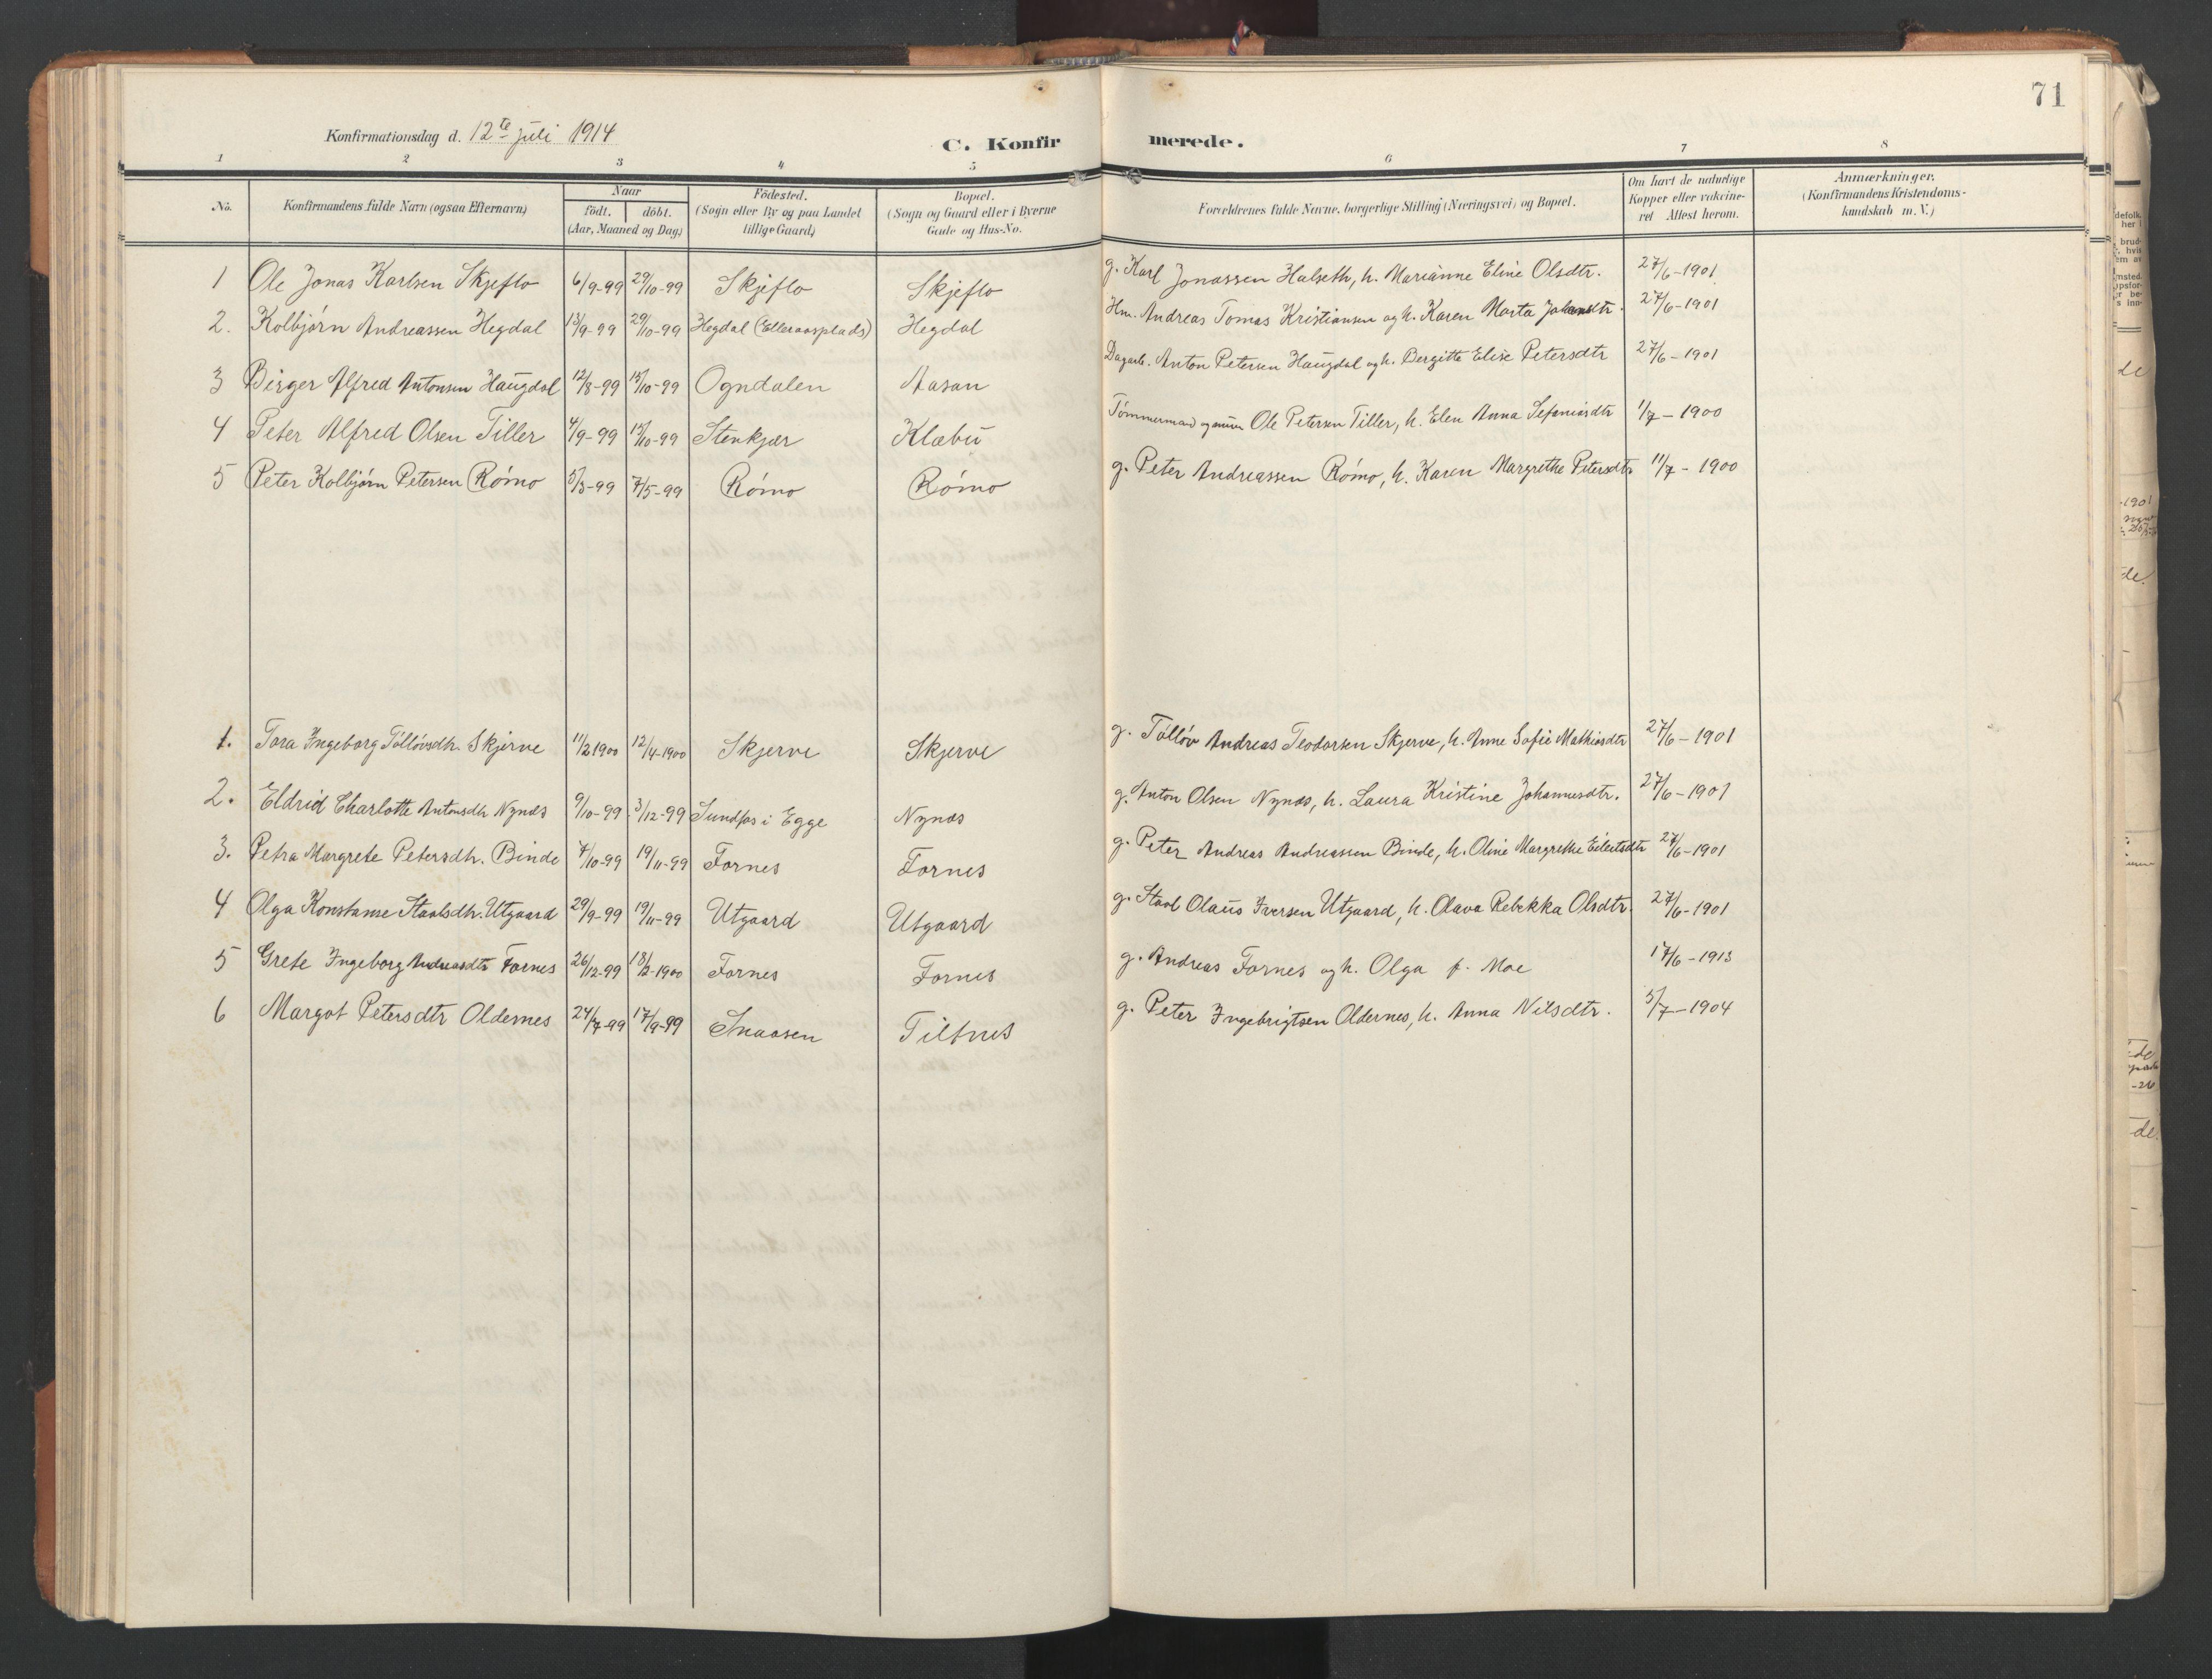 SAT, Ministerialprotokoller, klokkerbøker og fødselsregistre - Nord-Trøndelag, 746/L0455: Klokkerbok nr. 746C01, 1908-1933, s. 71